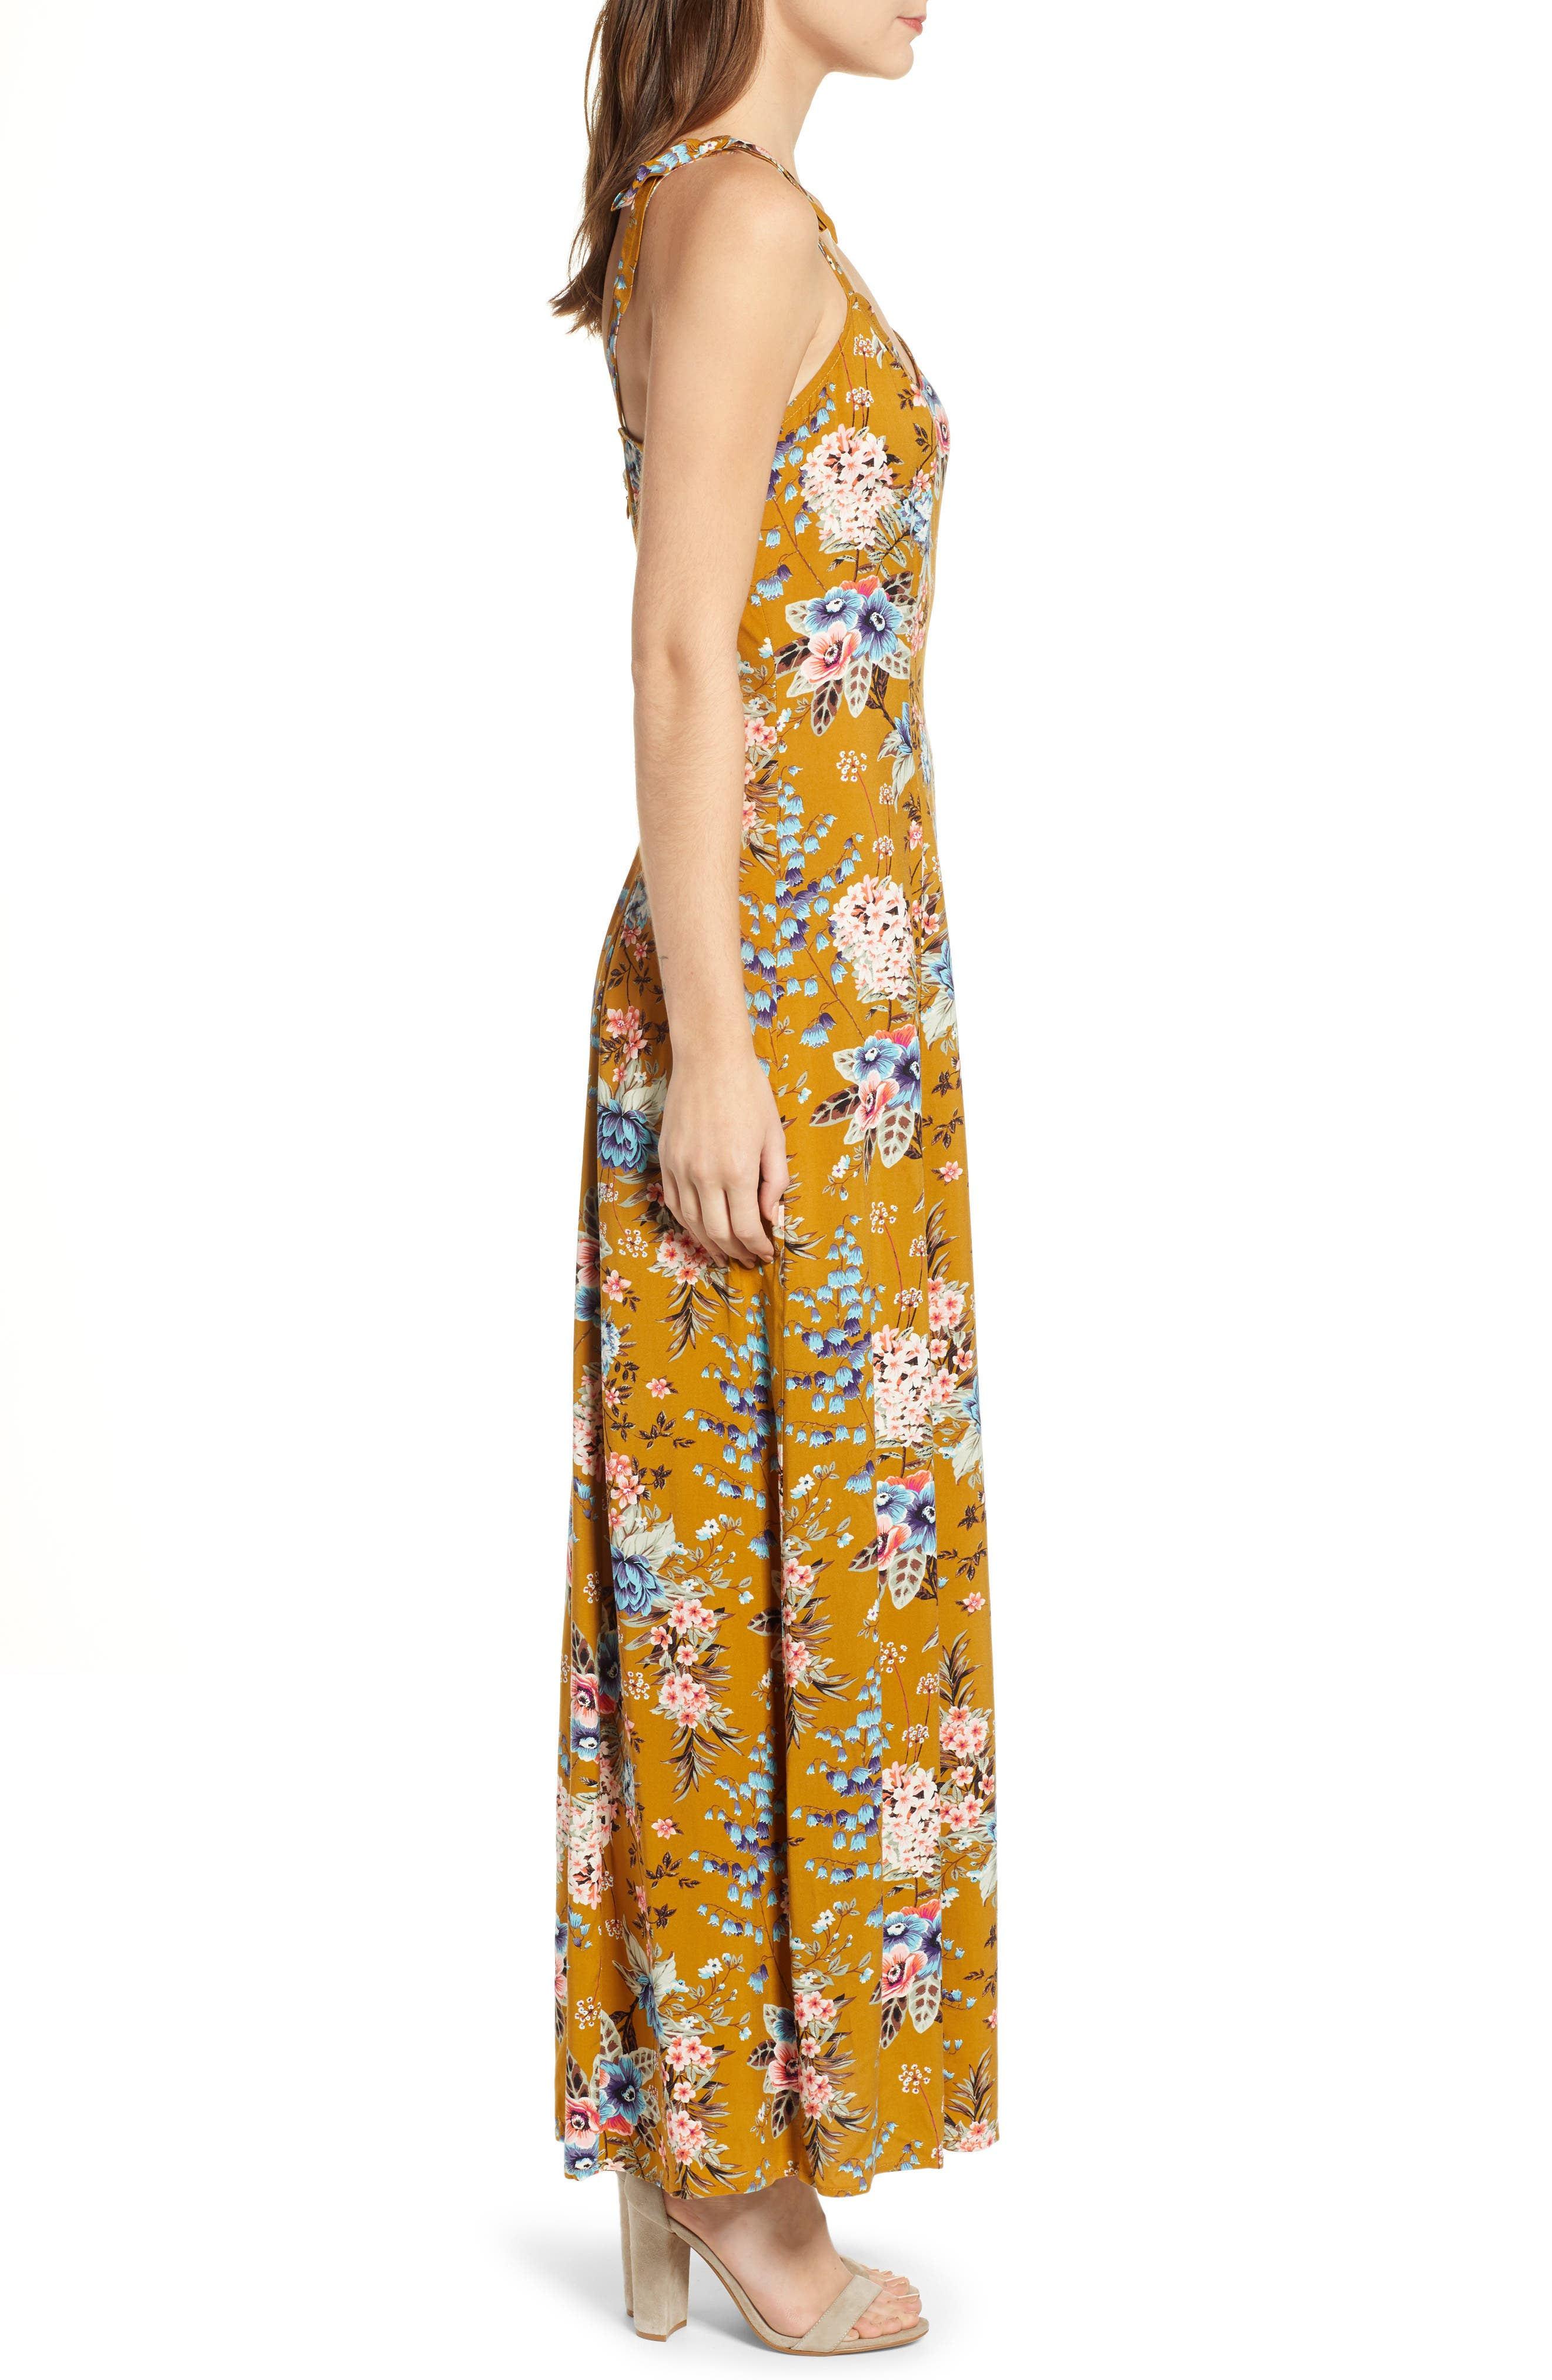 BP., Floral Tie Strap Maxi Dress, Alternate thumbnail 4, color, BROWN BRONZE KRISTA FLORAL